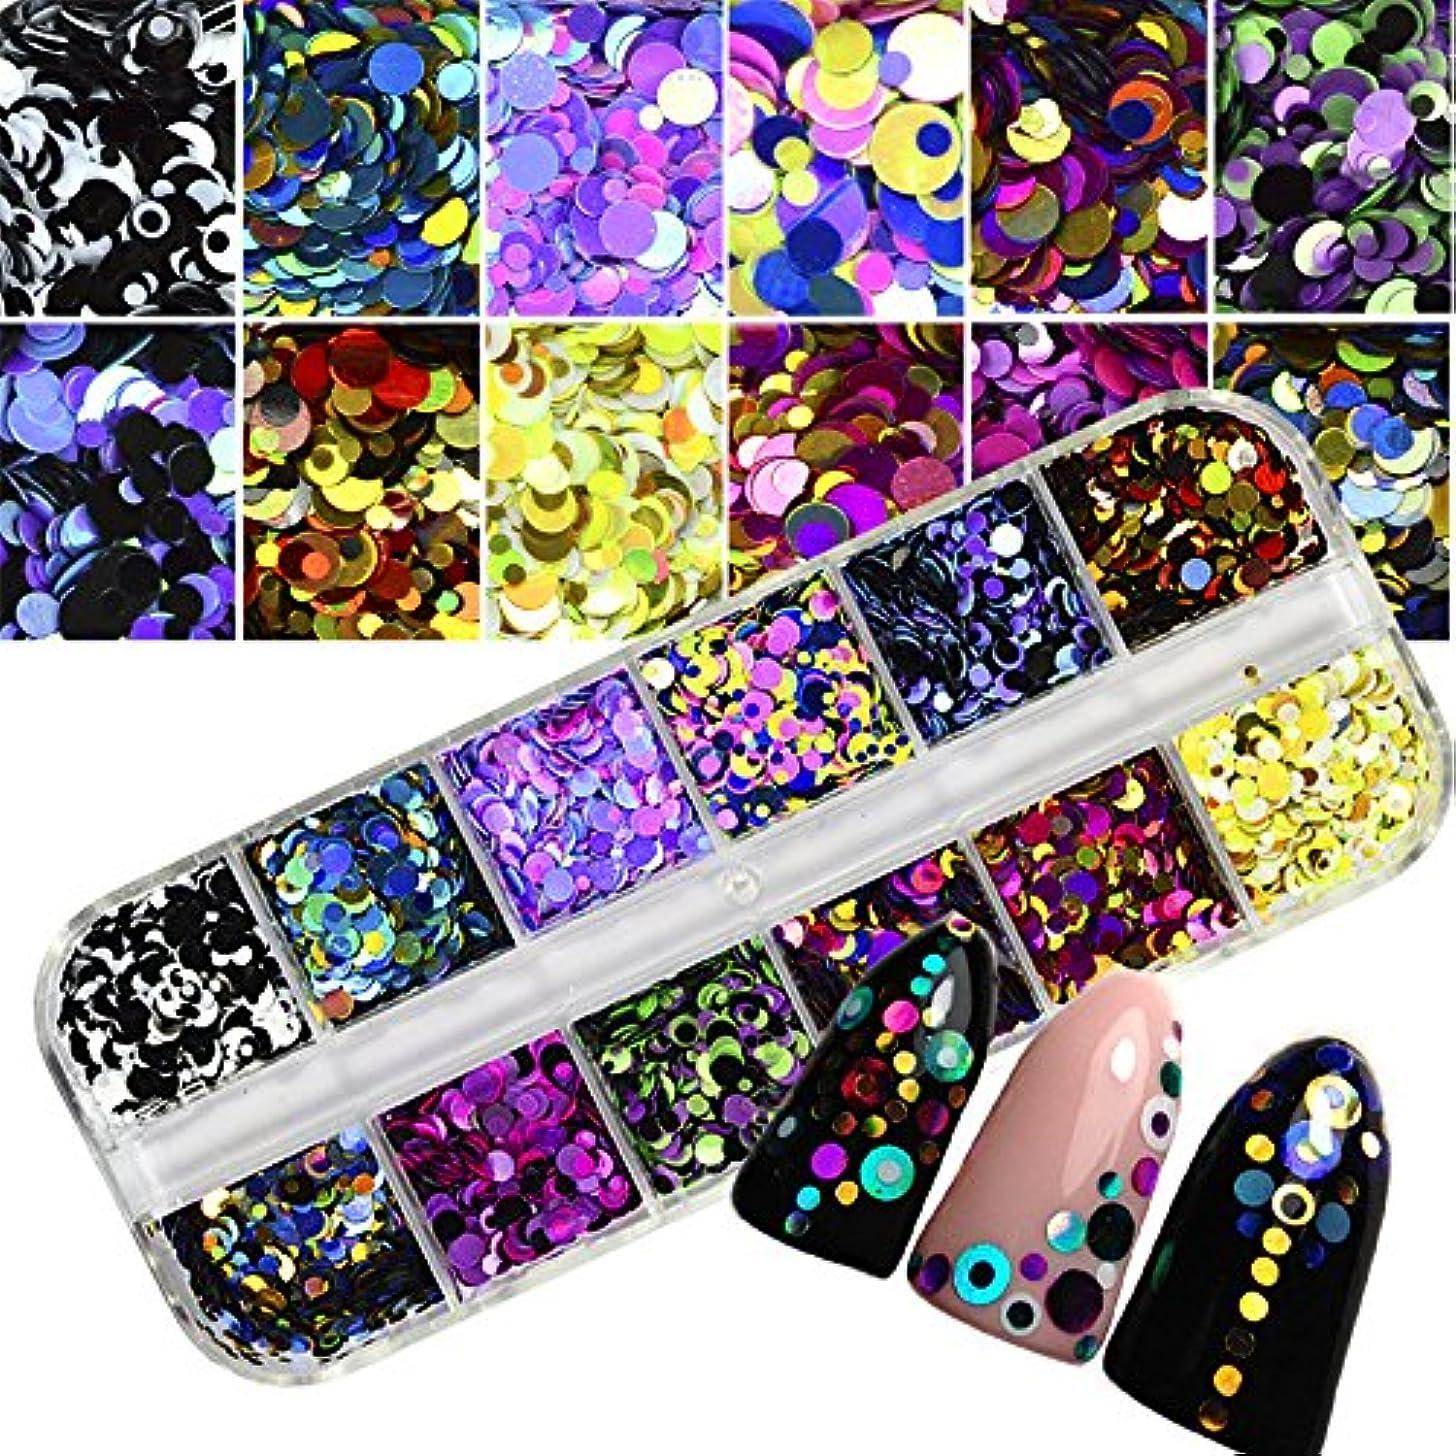 気絶させる香ばしい憎しみ1 Set Dazzling Round Nail Glitter Sequins Dust Mixed 12 Grids 1/2/3mm DIY Charm Polish Flakes Decorations Manicure...